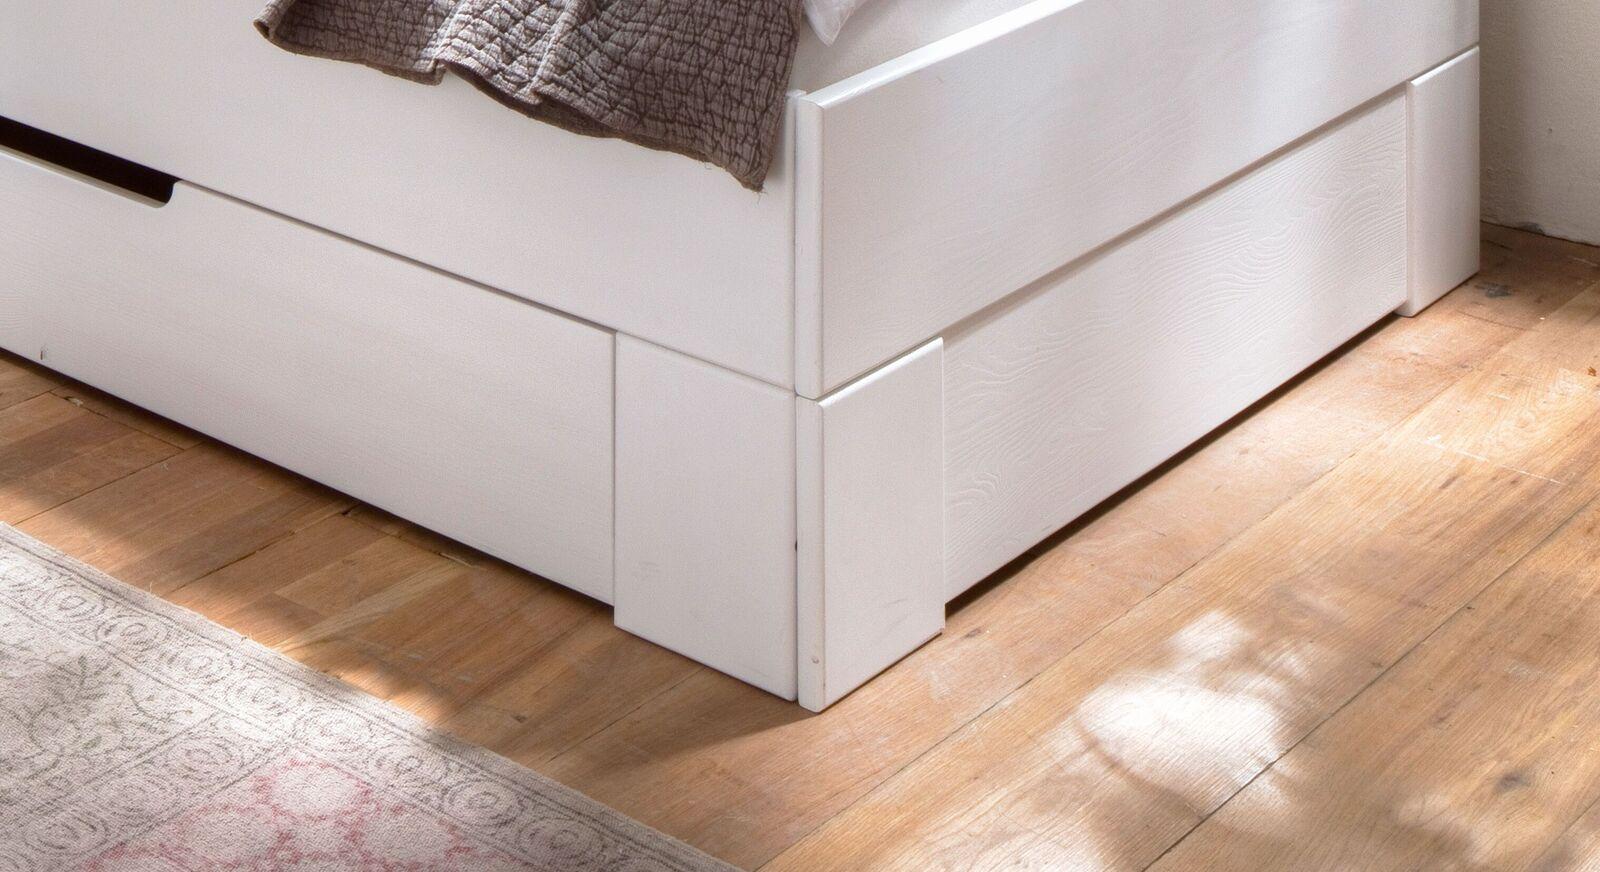 Schubkasten-Einzelbett Ottena mit Massivholz-Bettrahmen